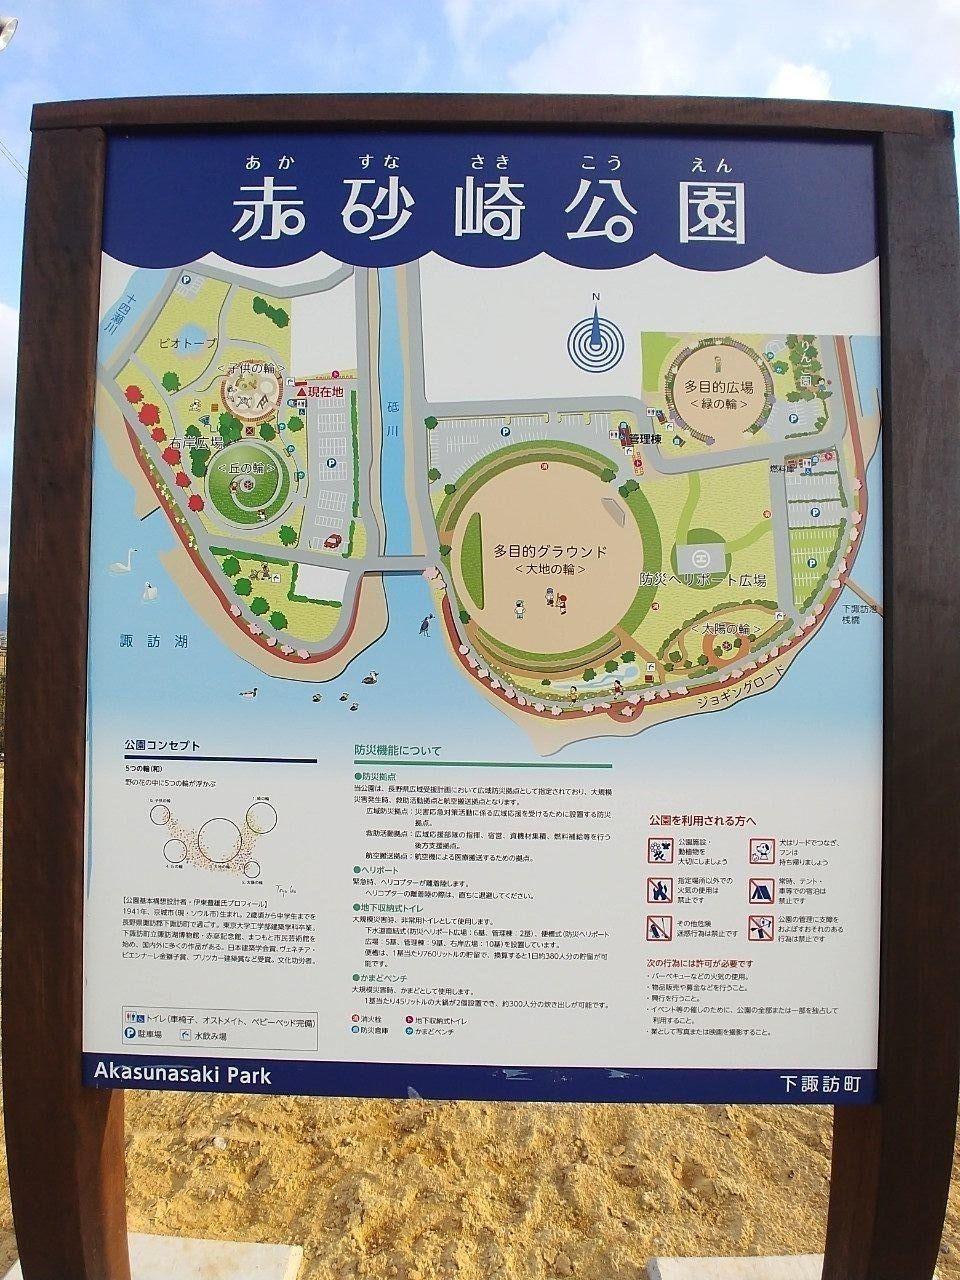 赤砂崎公園 案内図